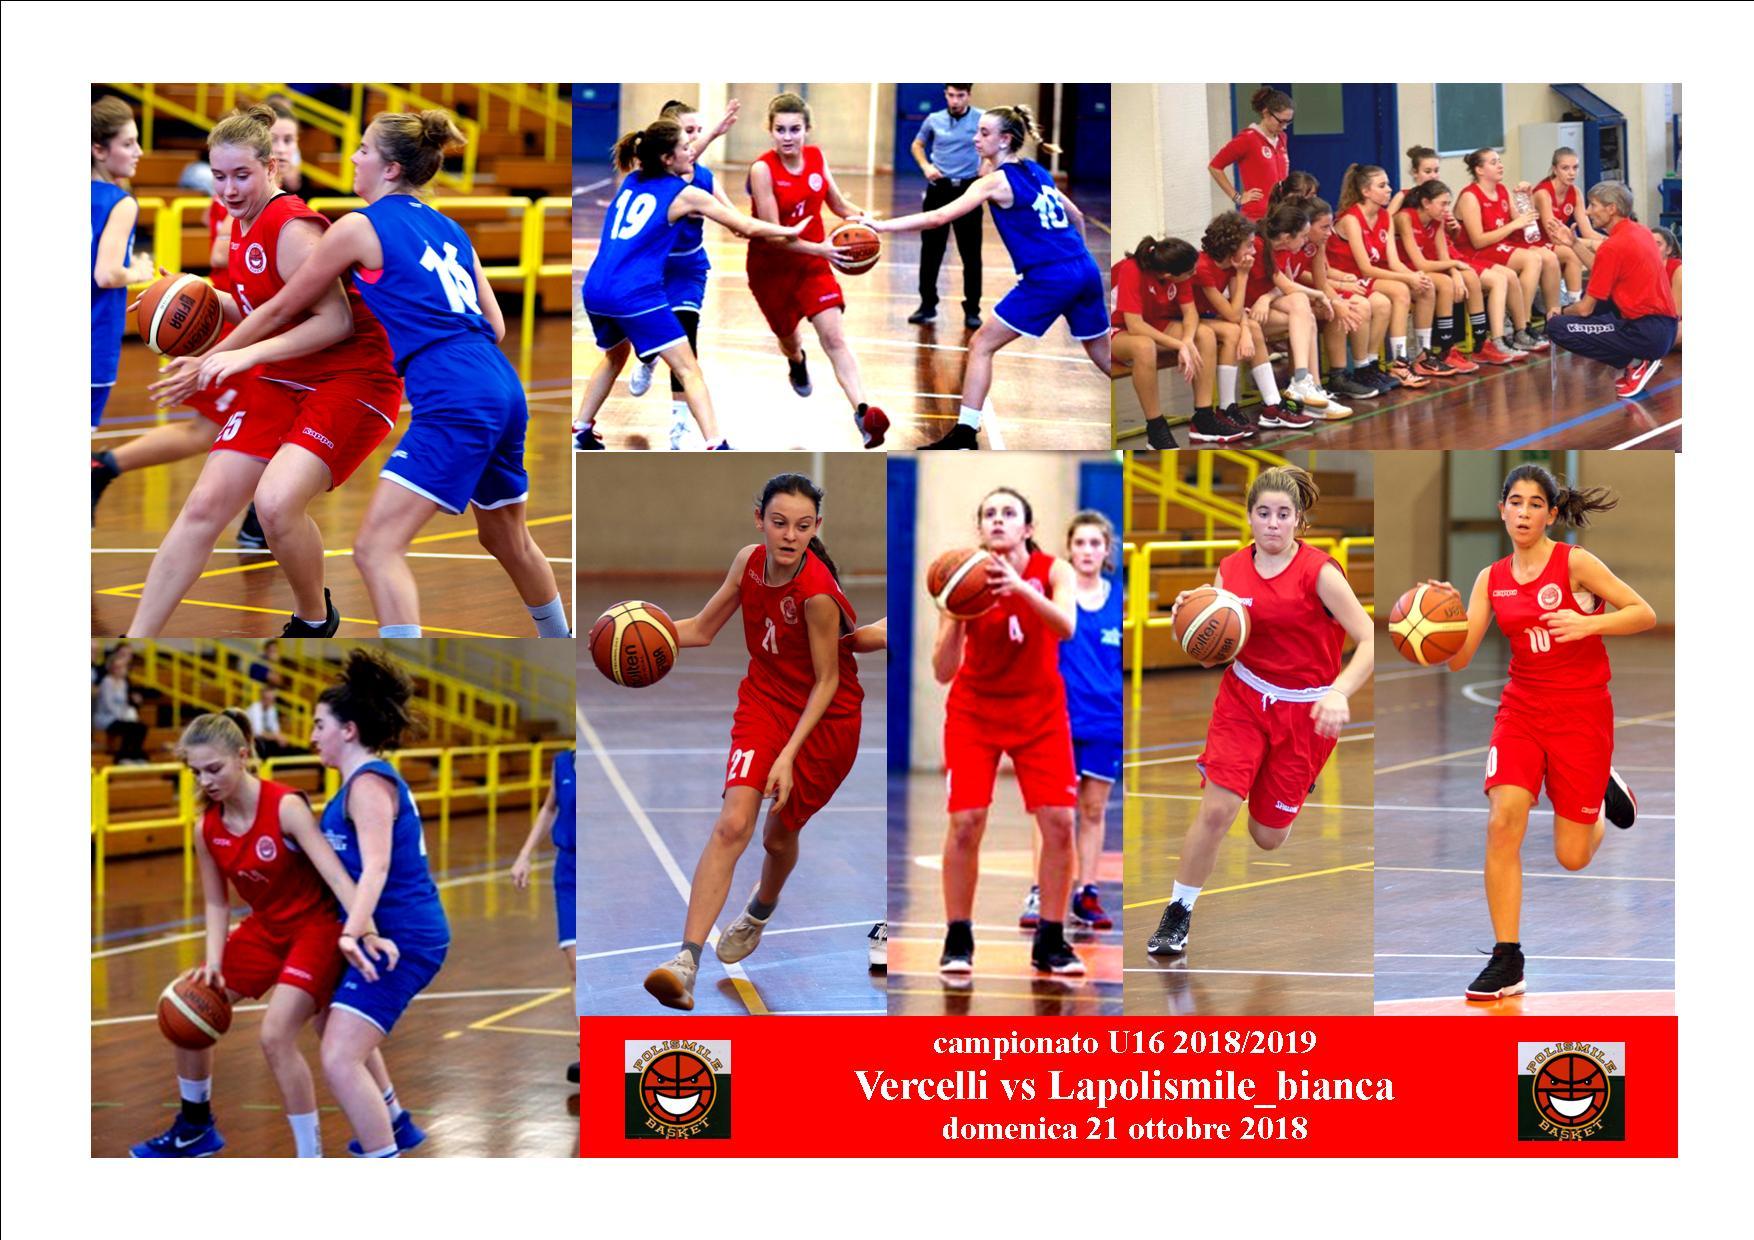 Under 16: LaPolismile Rossa vince con il Campus Piemonte